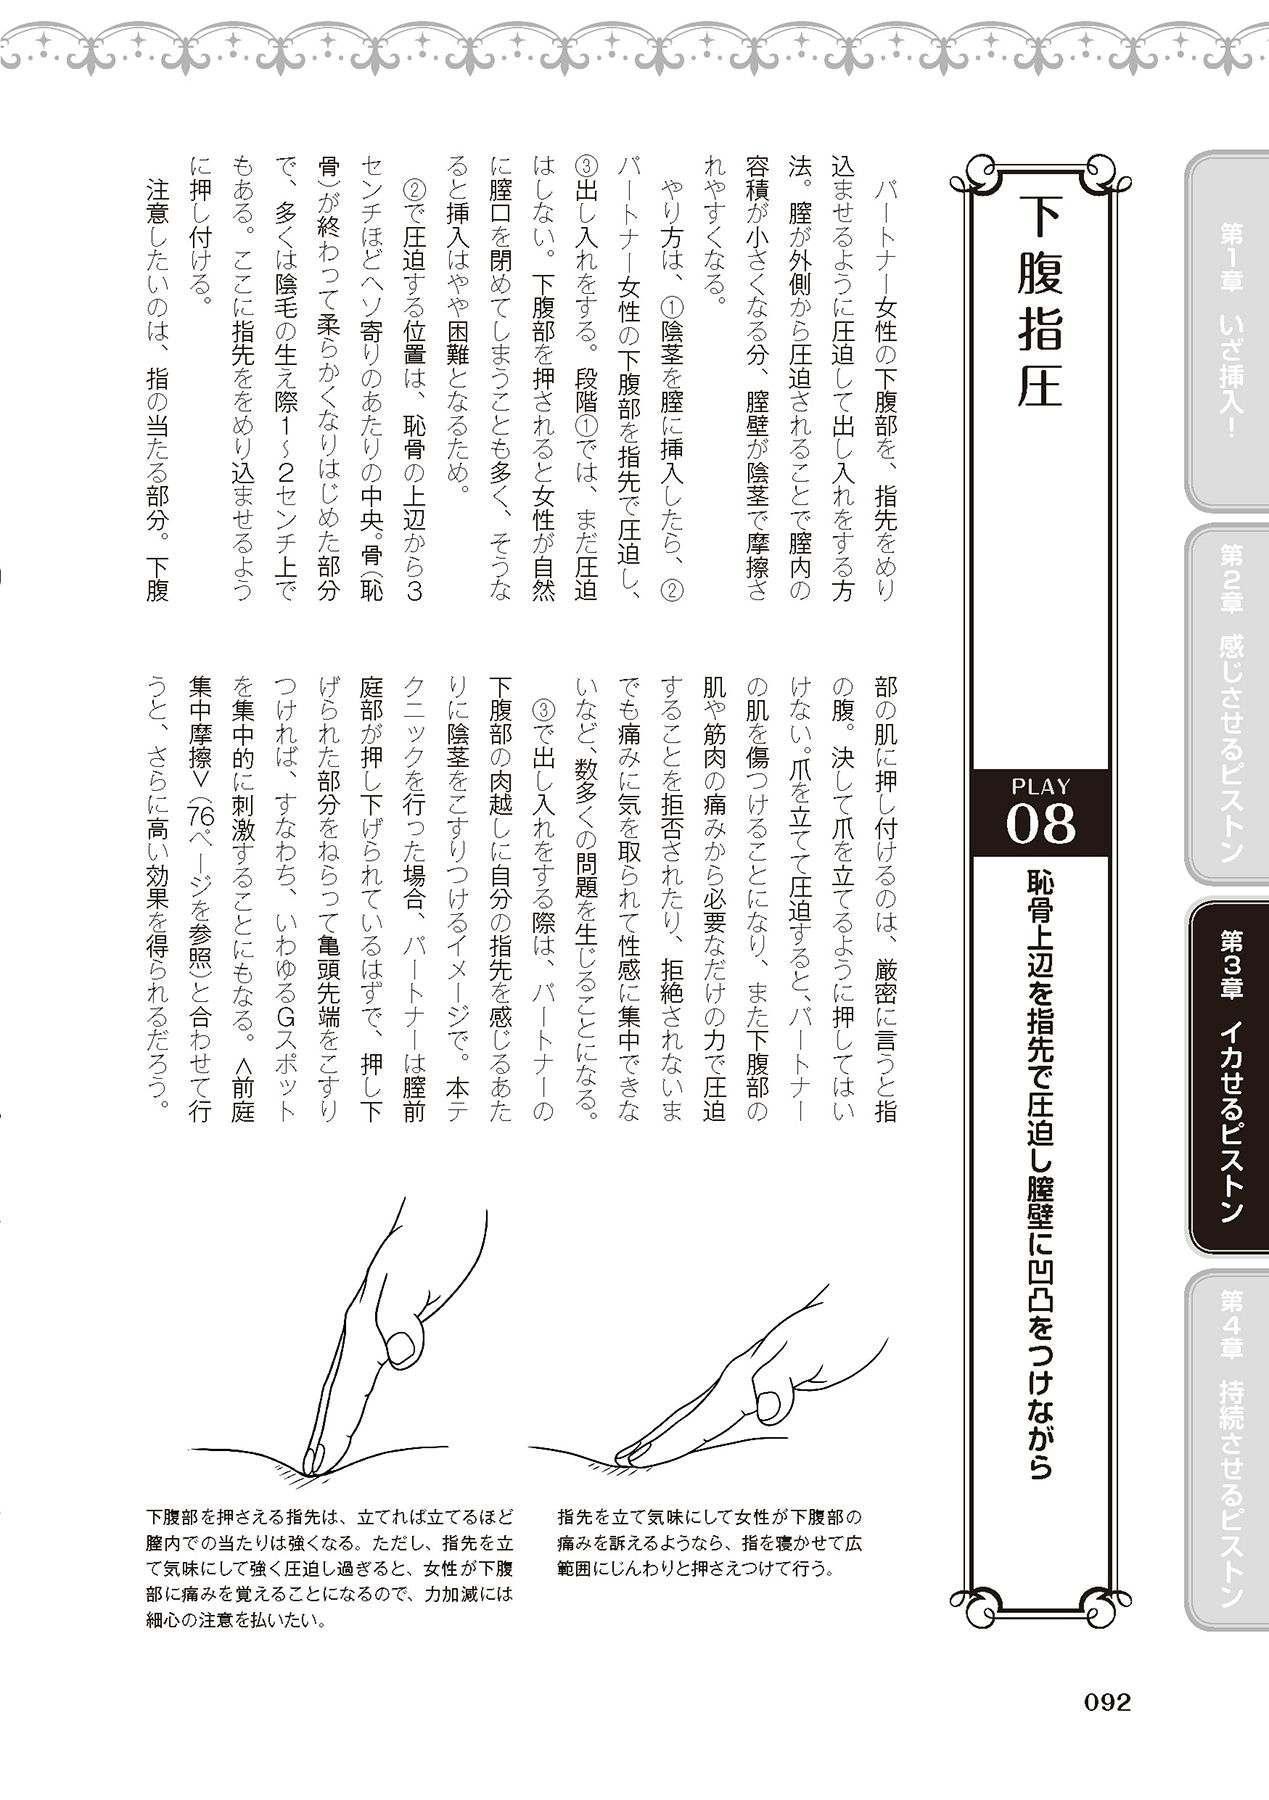 膣挿入&ピストン運動完全マニュアル イラスト版……ピスとんッ! 93